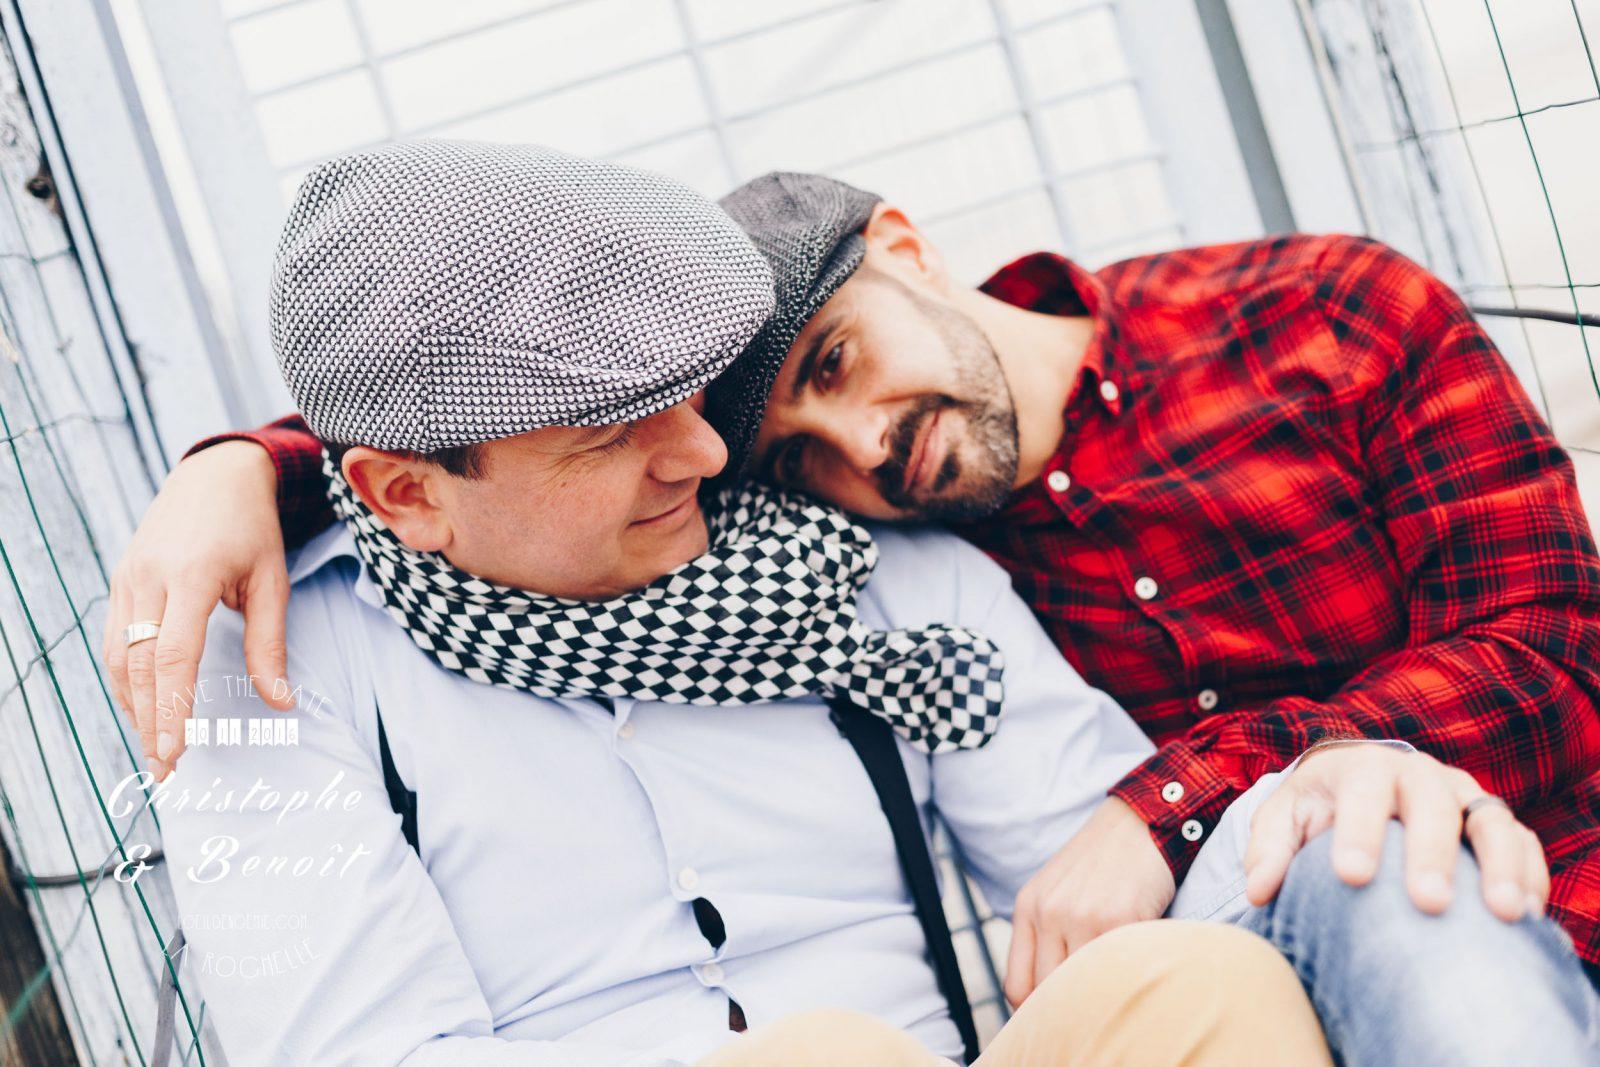 belle histoire de vie, L'amour n'a pas de sexe, couple homosexuel, true love, L'oeil de Noémie photographe mariage Bordeaux et La Rochelle, et partout en Europe